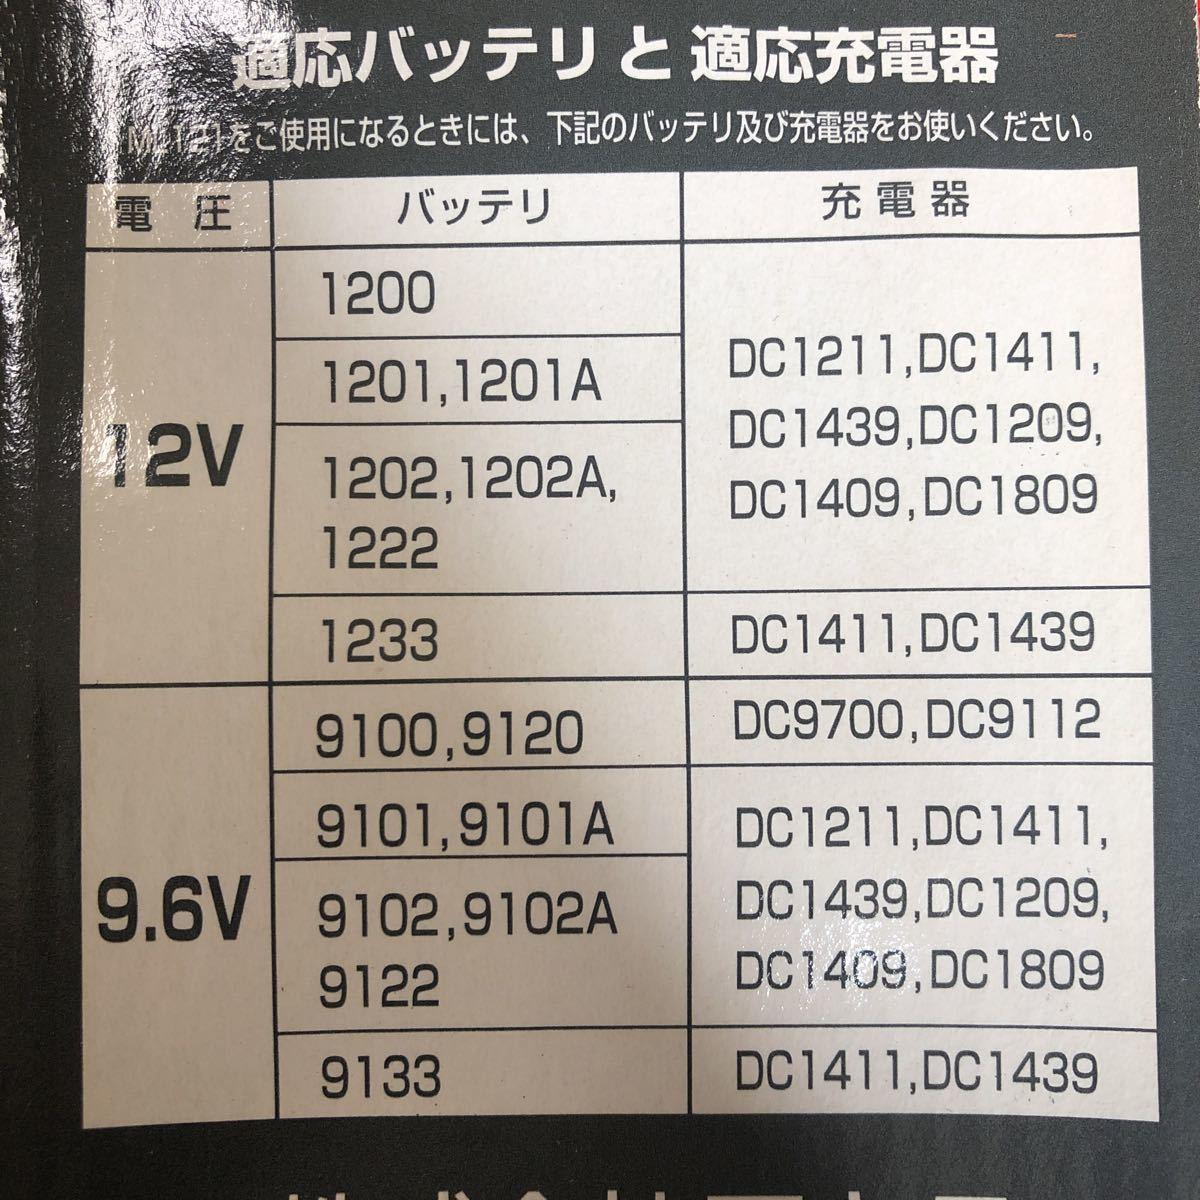 マキタ 充電式ヘッドライト ML121 充電式 9.6V 12V  makita_画像5